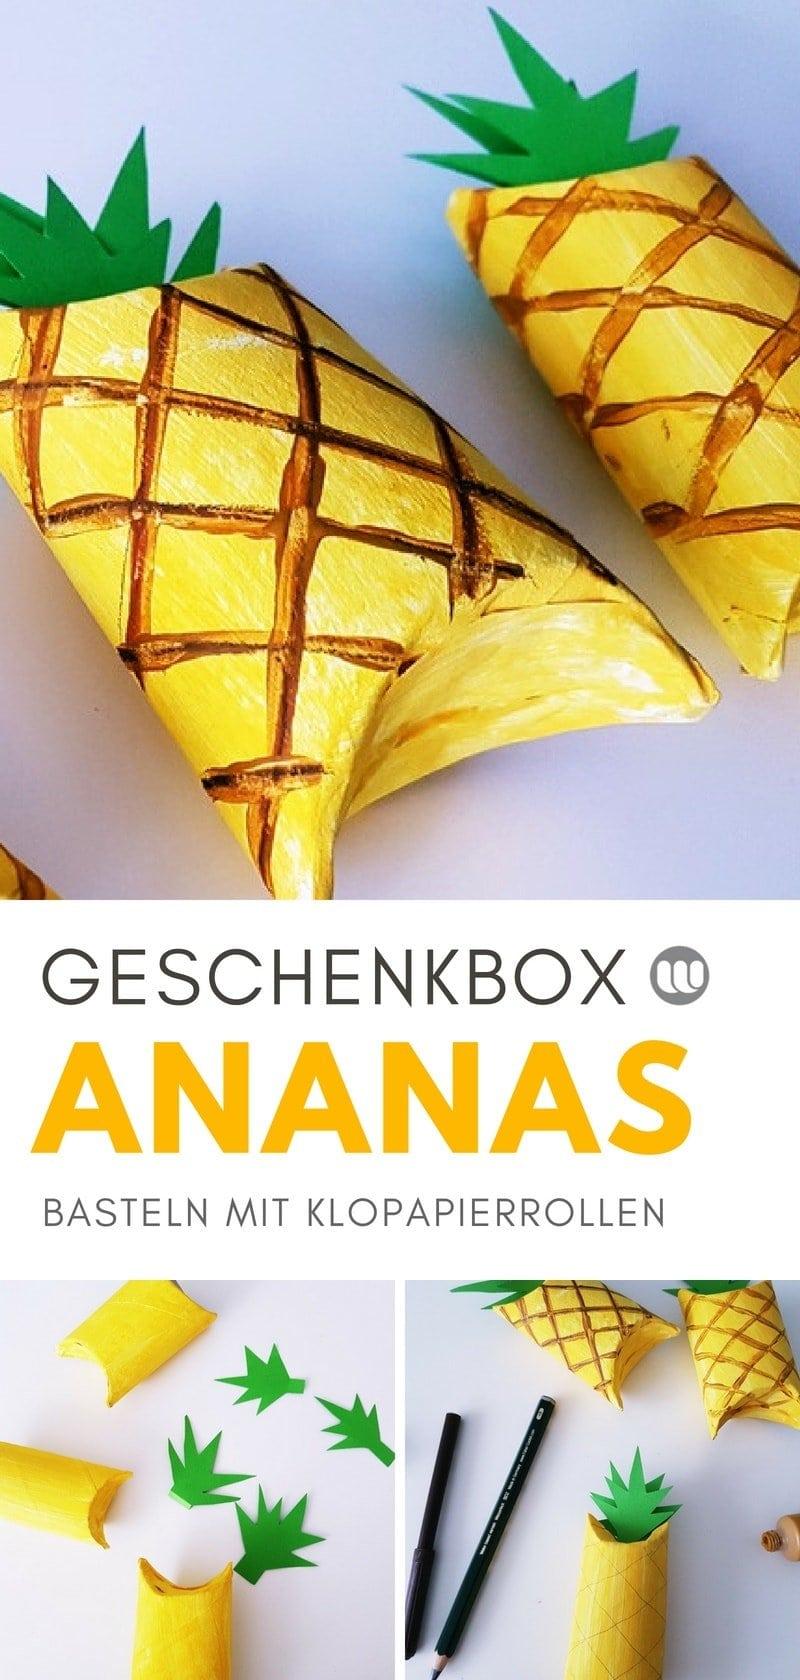 Geschenk-Verpackung aus Klopapierrollen falten: Ananas Schachtel für kleine Geschenke